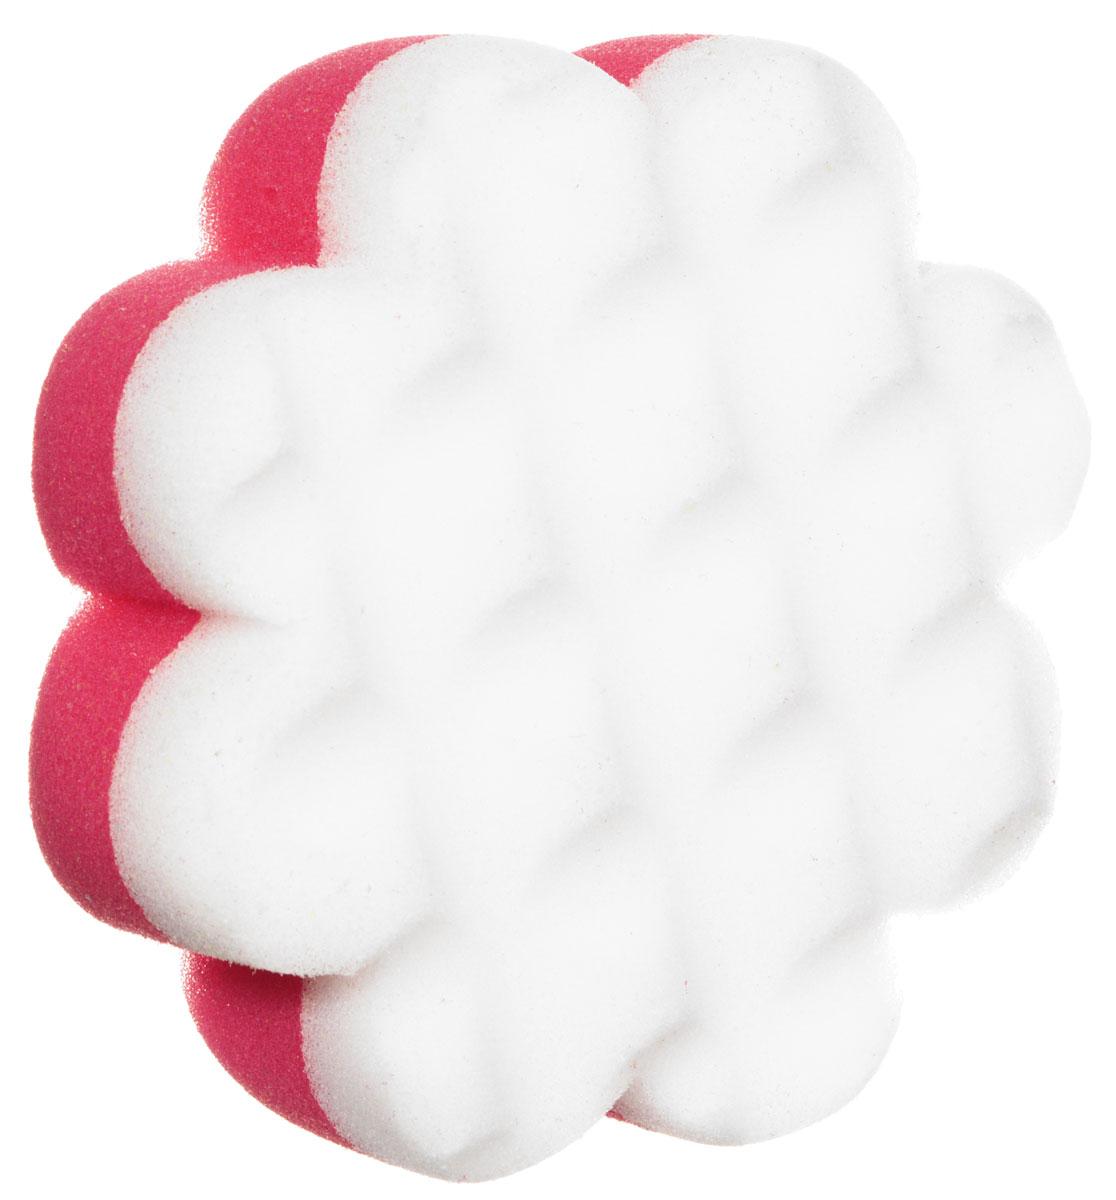 Курносики Мочалка с массажным слоем Цветок цвет розовый белый747_бирюзовыйМочалка Курносики в форме цветка обеспечивает мягкий уход за кожей малыша при купании и отлично взбивает мыльную пену. Детская мочалка имеет форму, комфортную для рук, а также массажный слой, помогающий удалять загрязнения. Такая мочалка поможет вам провести купание малыша мягко и комфортно.Мочалка с массажным слоем Курносики прослужит вам длительно, радуя вас и вашего малыша.